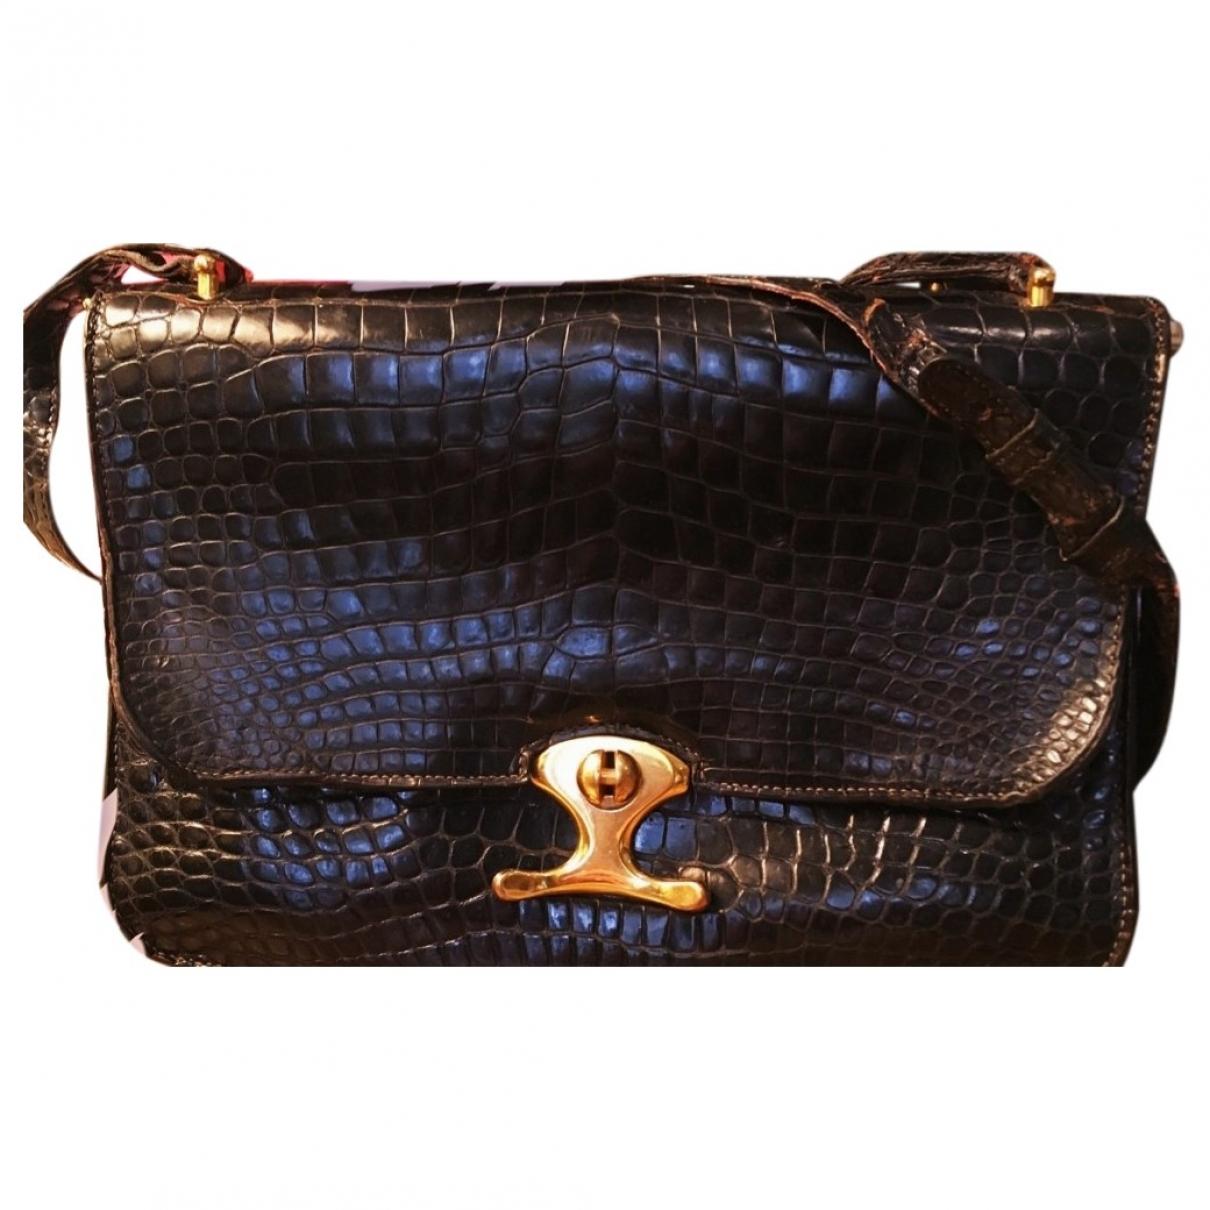 Hermes \N Handtasche in  Schwarz Aligator